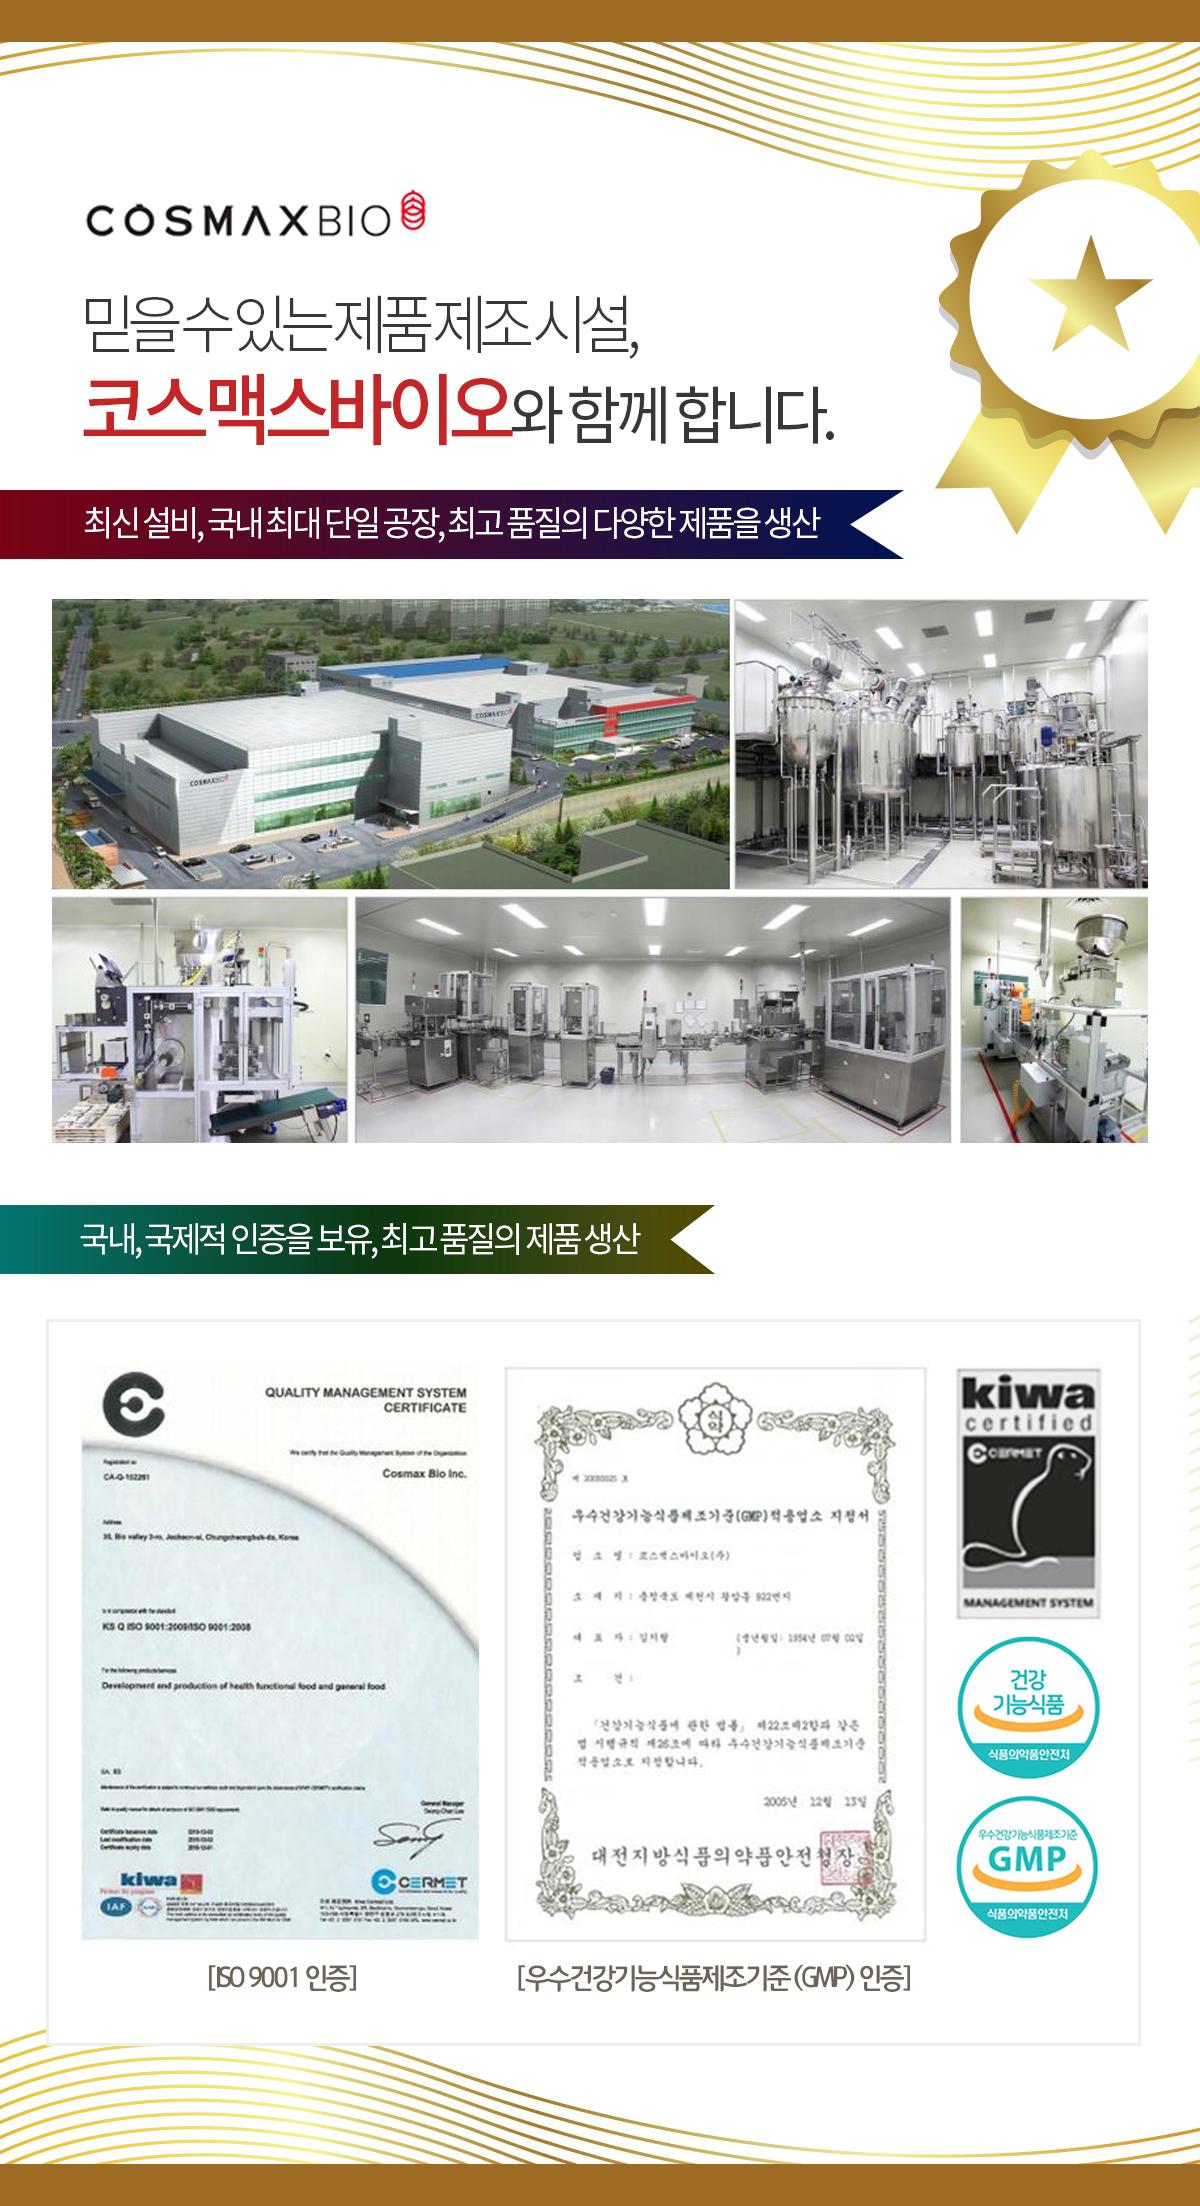 믿을수 있는 제품제조시설, 코스맥스바이오와 함께합니다. 최신설비, 국내최대 단일공장, 최고품질의 다양한 제품을 생산 / 국내,국제적 인증을 보유 ,최고품질의 제품 생산